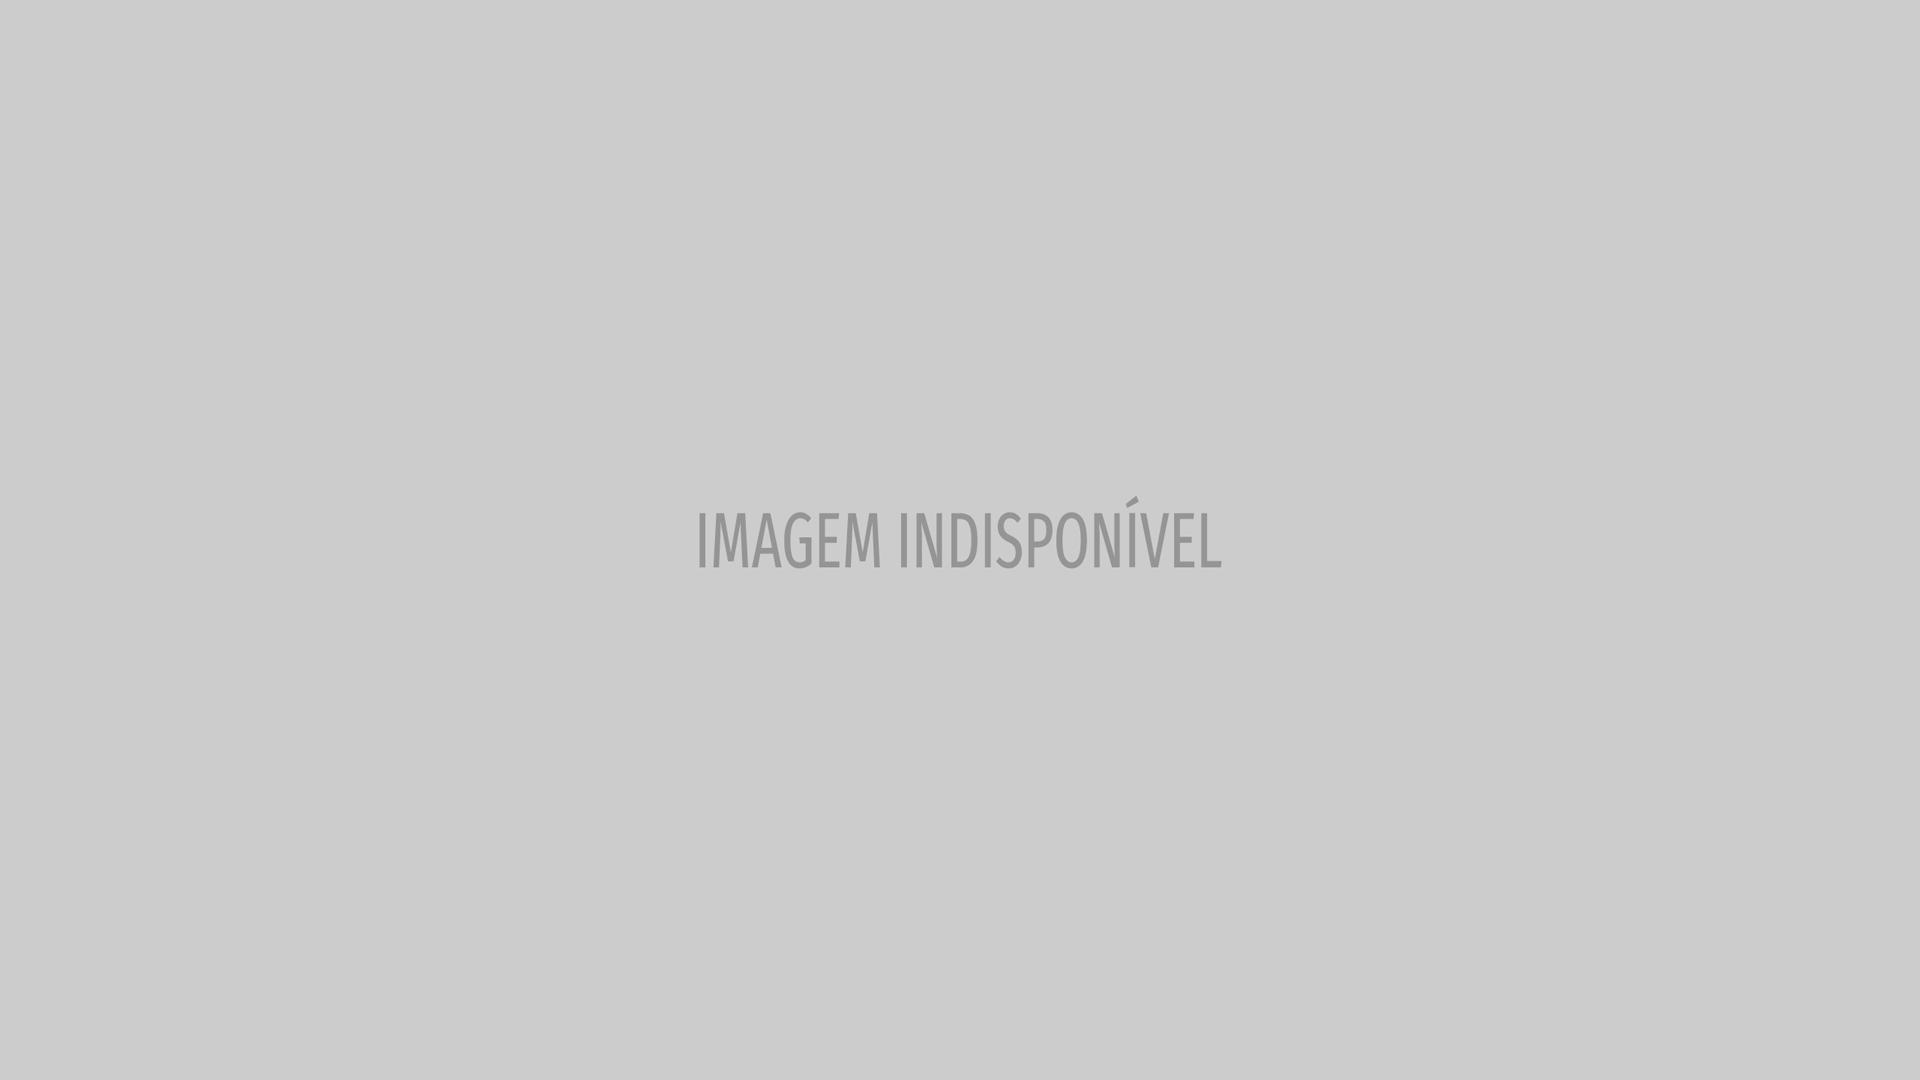 Mariah Carey sofre com problemas de autoestima